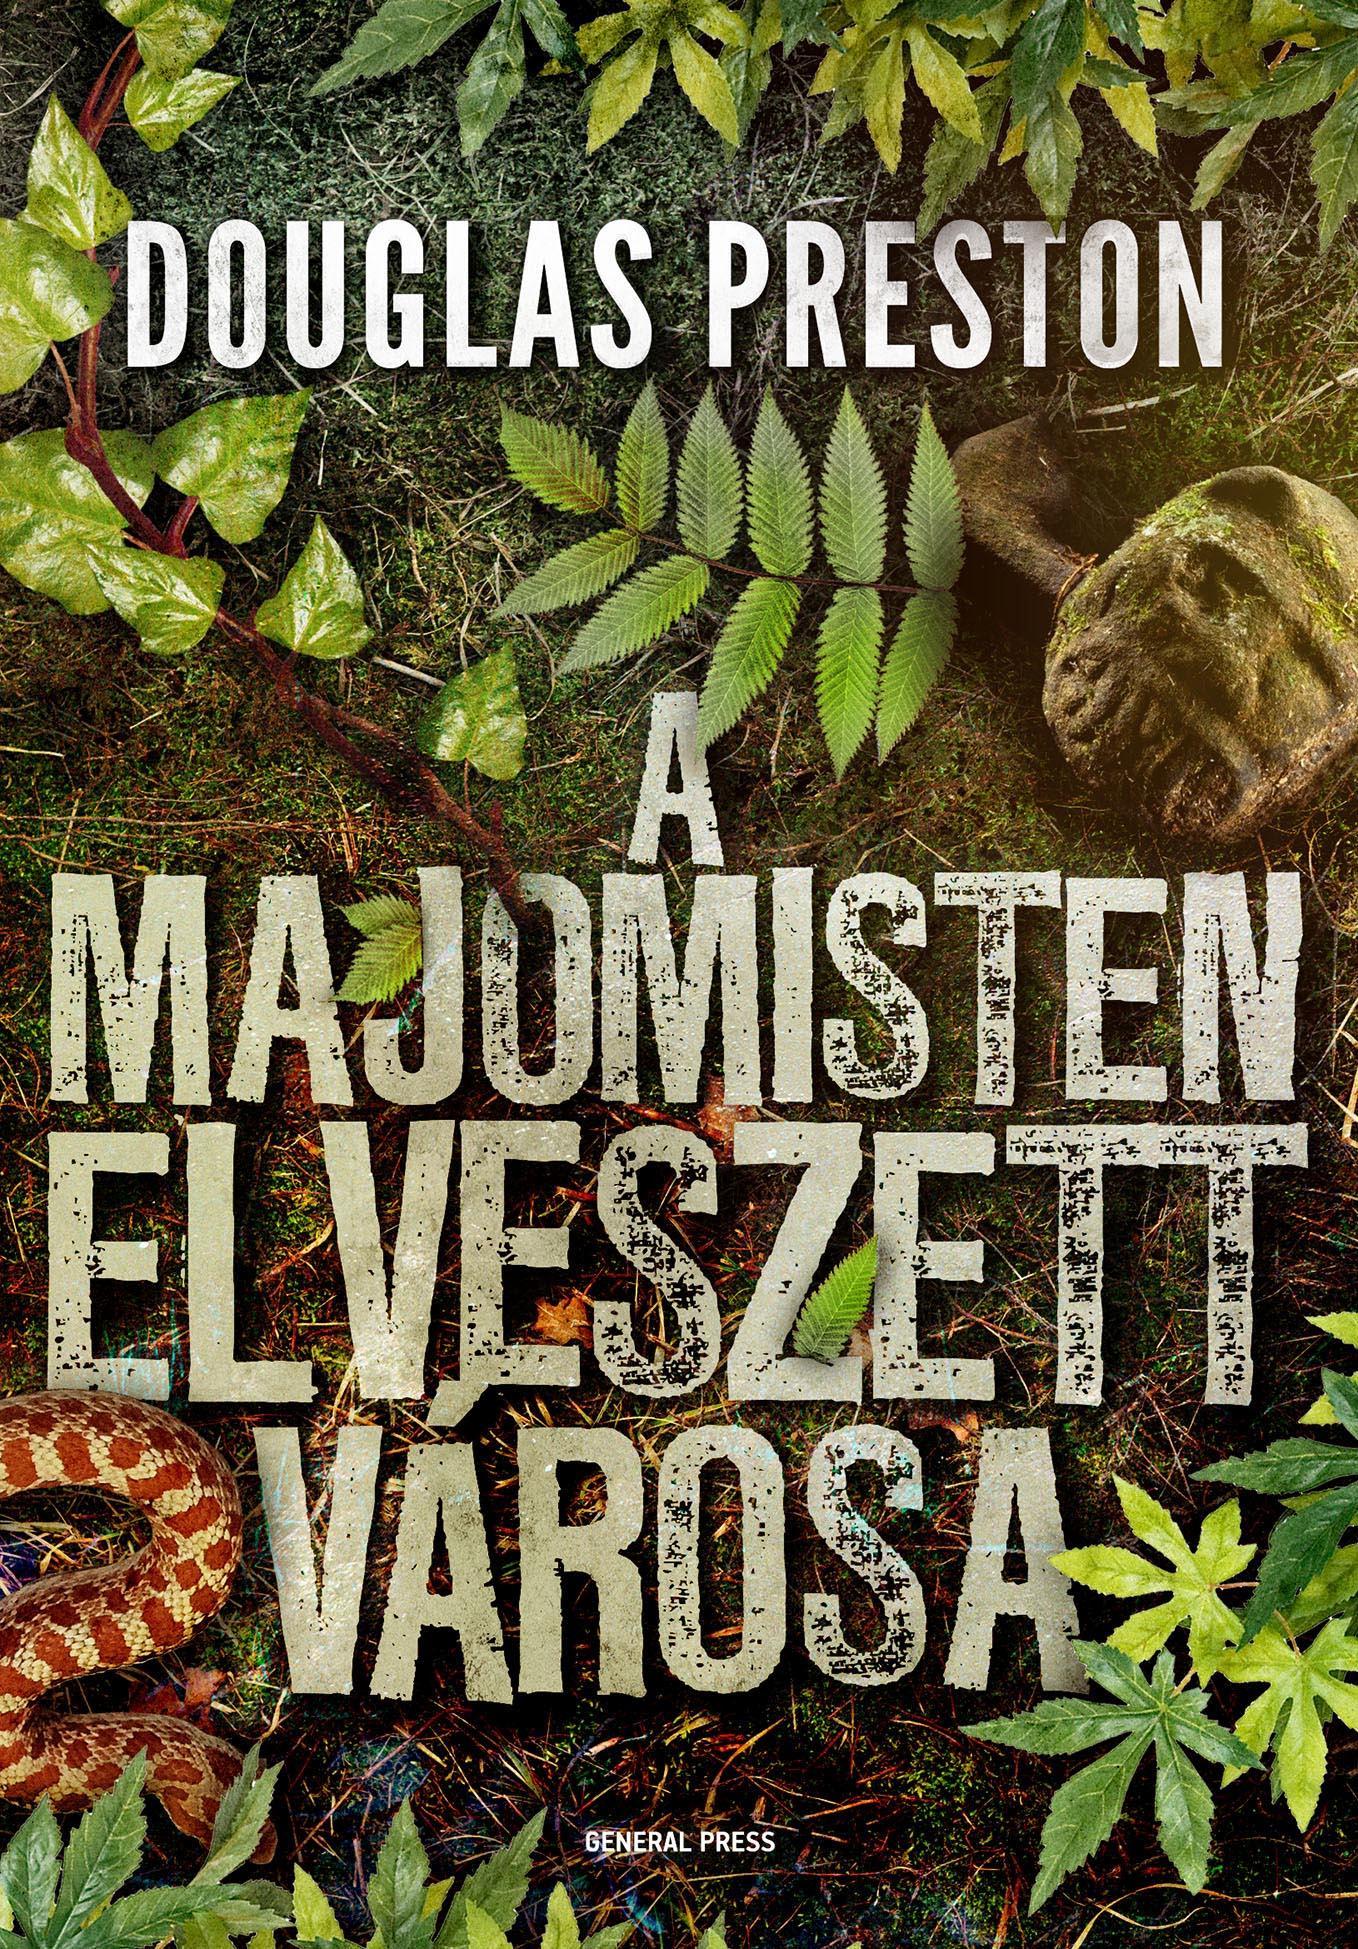 PRESTON, DOUGLAS - A MAJOMISTEN ELVESZETT VÁROSA